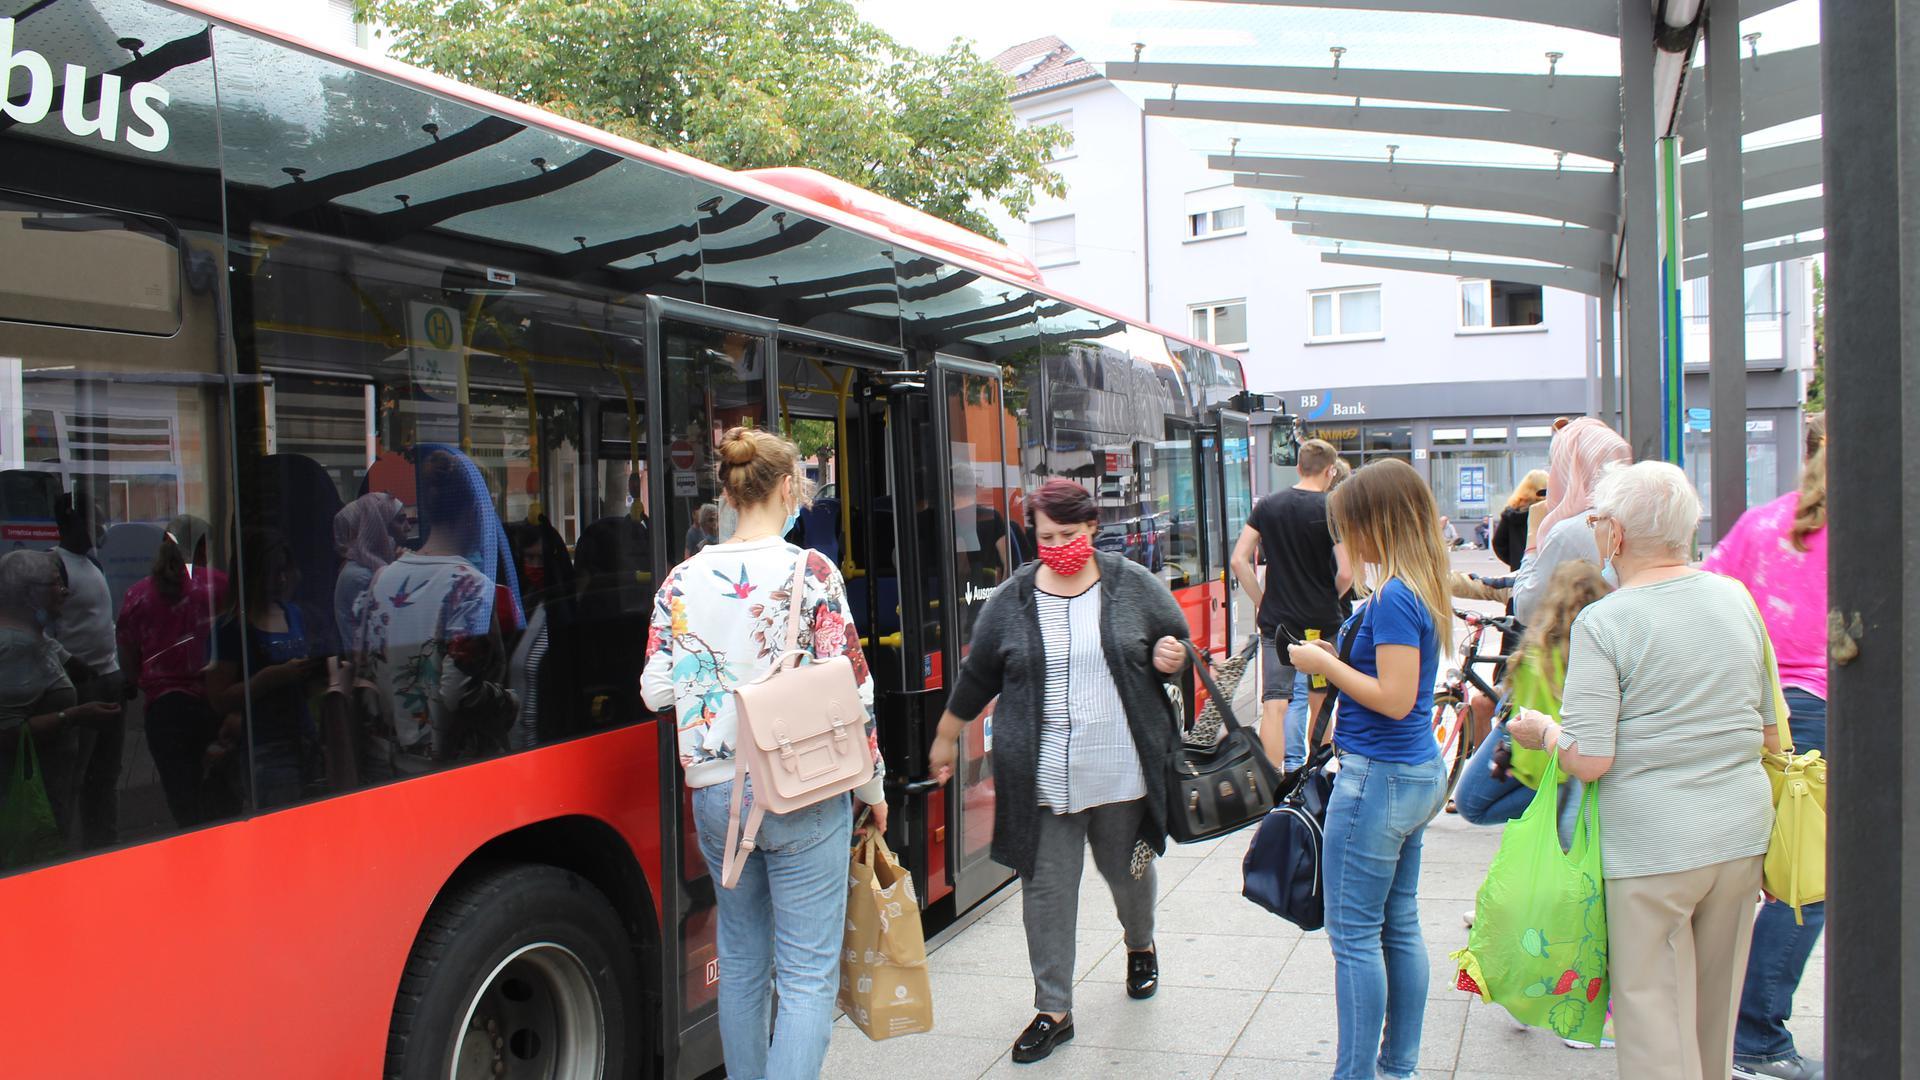 Warten auf den Bus: Die meisten Fahrgäste ziehen ihre Maske erst auf, wenn sie einsteigen.